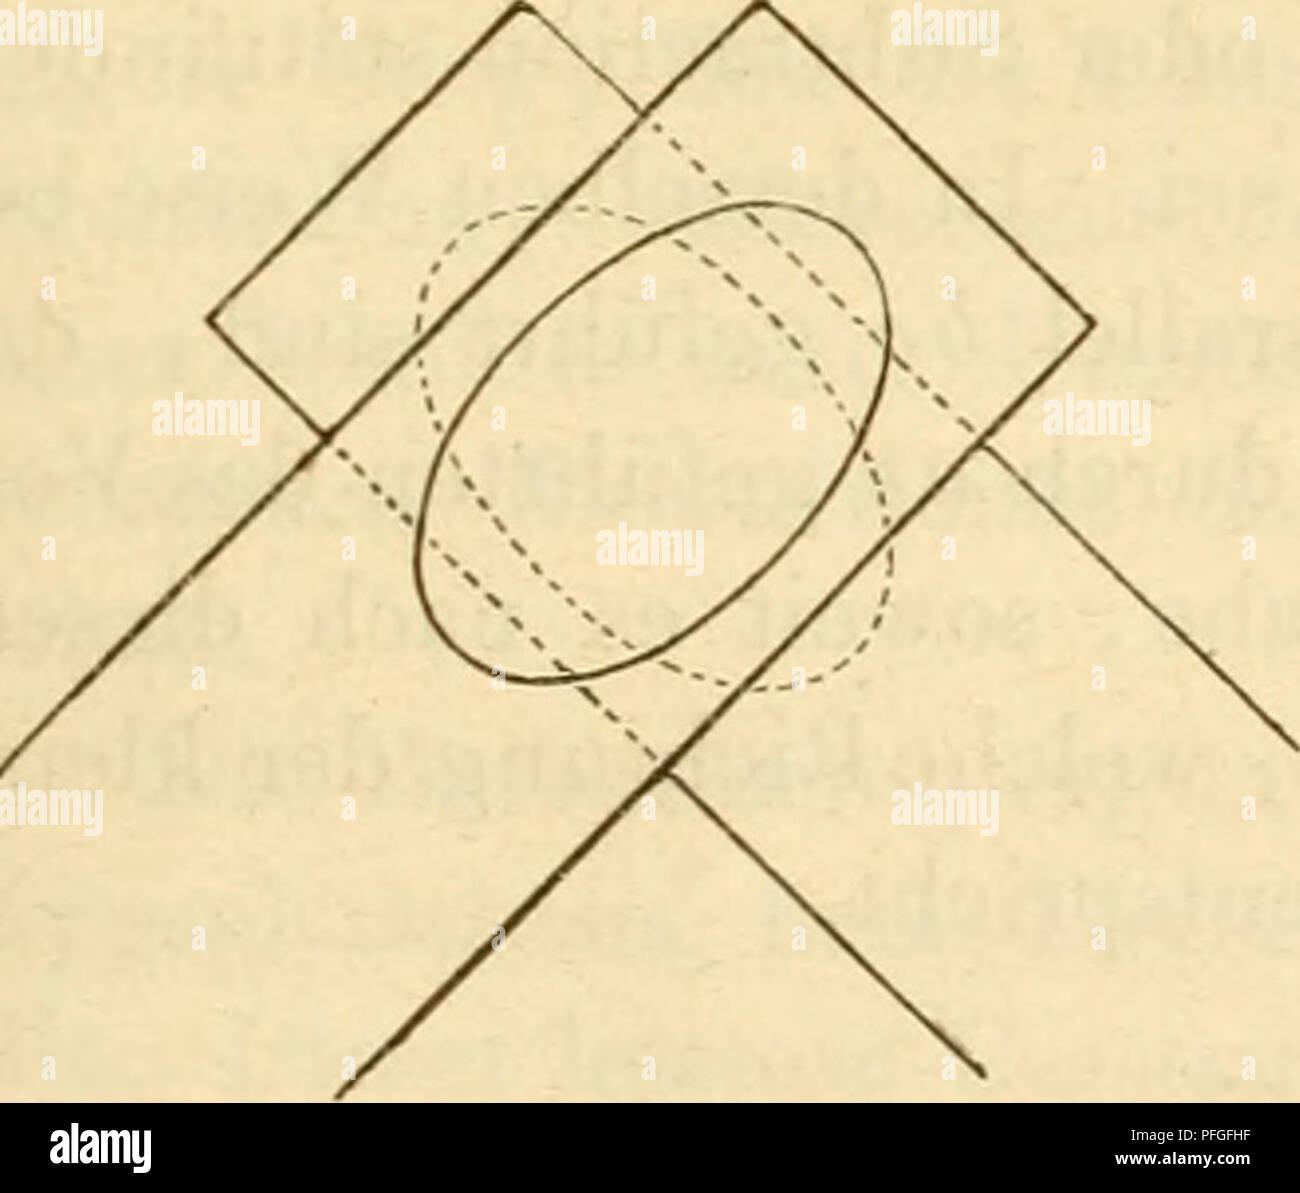 . Das Mikroskop, Theorie und Anwendung desselben. Microscopes. Verhalten anisotroper krystallähnlicher Körper. 323 die coniplementären Farben, welche den Newton'schen Ringen im durchgelassenen Lichte entsprechen, angegeben. Erste Ordnung. Zweite Ordnung. Schwarz Lebhaftweiss Purpurroth Hellgrün Eisengrau Weiss Violett Grünlichgelb Graublau Gelblichweiss Indigo Lebhaftgelb Heller graublau Gelbbräunlich Blau Orange Hellbläulich Gelbbraun Blaugrünlich Orangebraun Grünlichweiss Braunroth Grün Hellcarminroth Weiss llüthviolett Hellergrün Purpurroth Gelblichweiss Violett Gelblichgrün Purpurviolett G Stock Photo